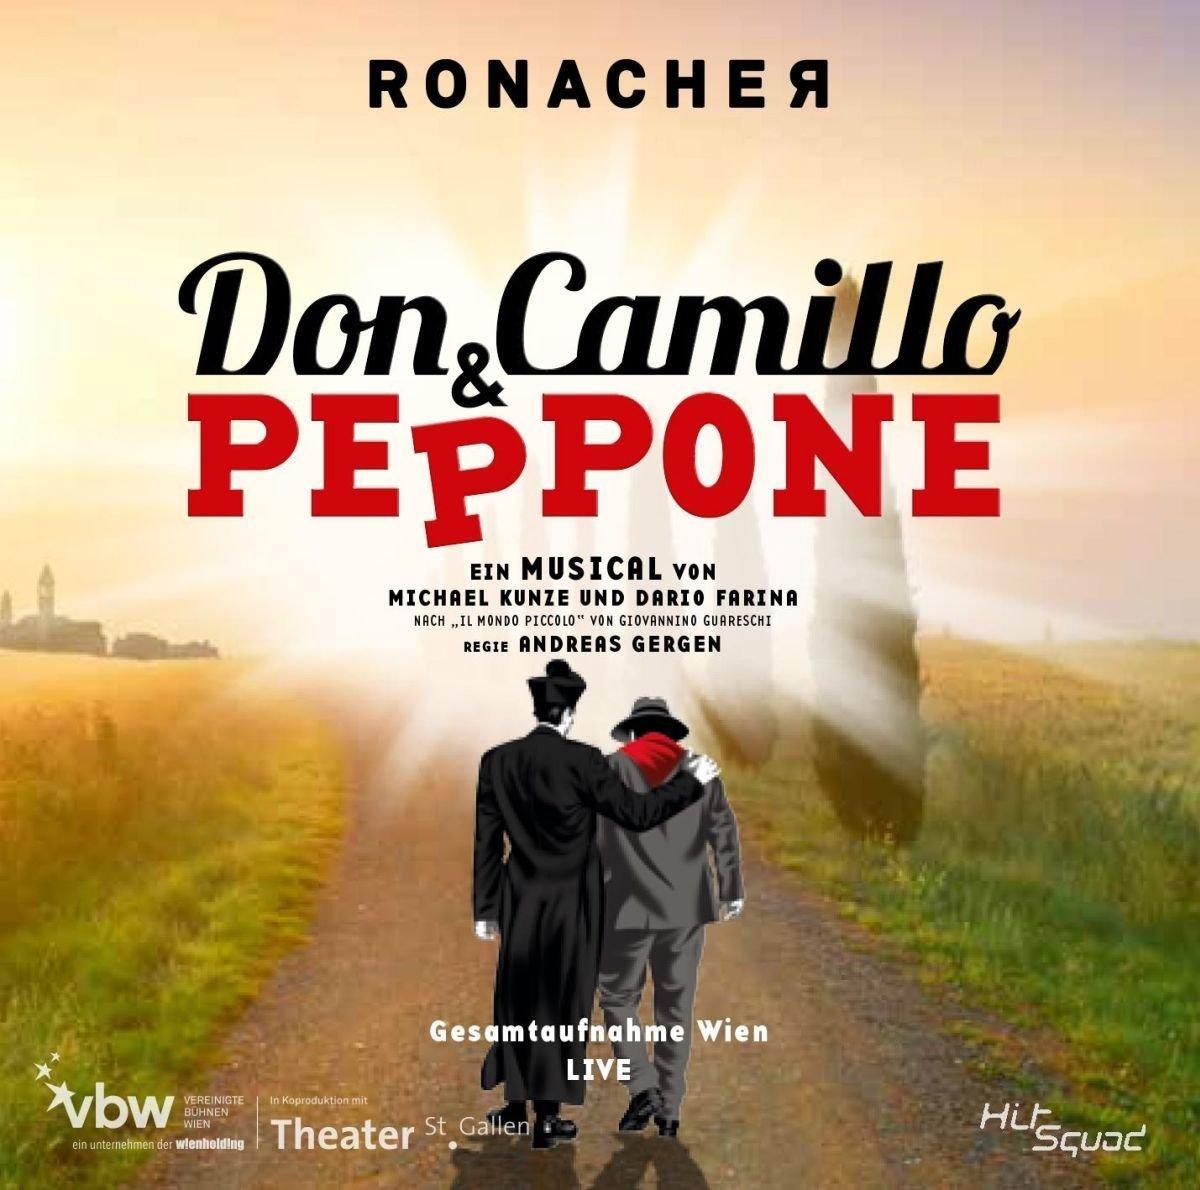 Don Camillo & Peppone CD